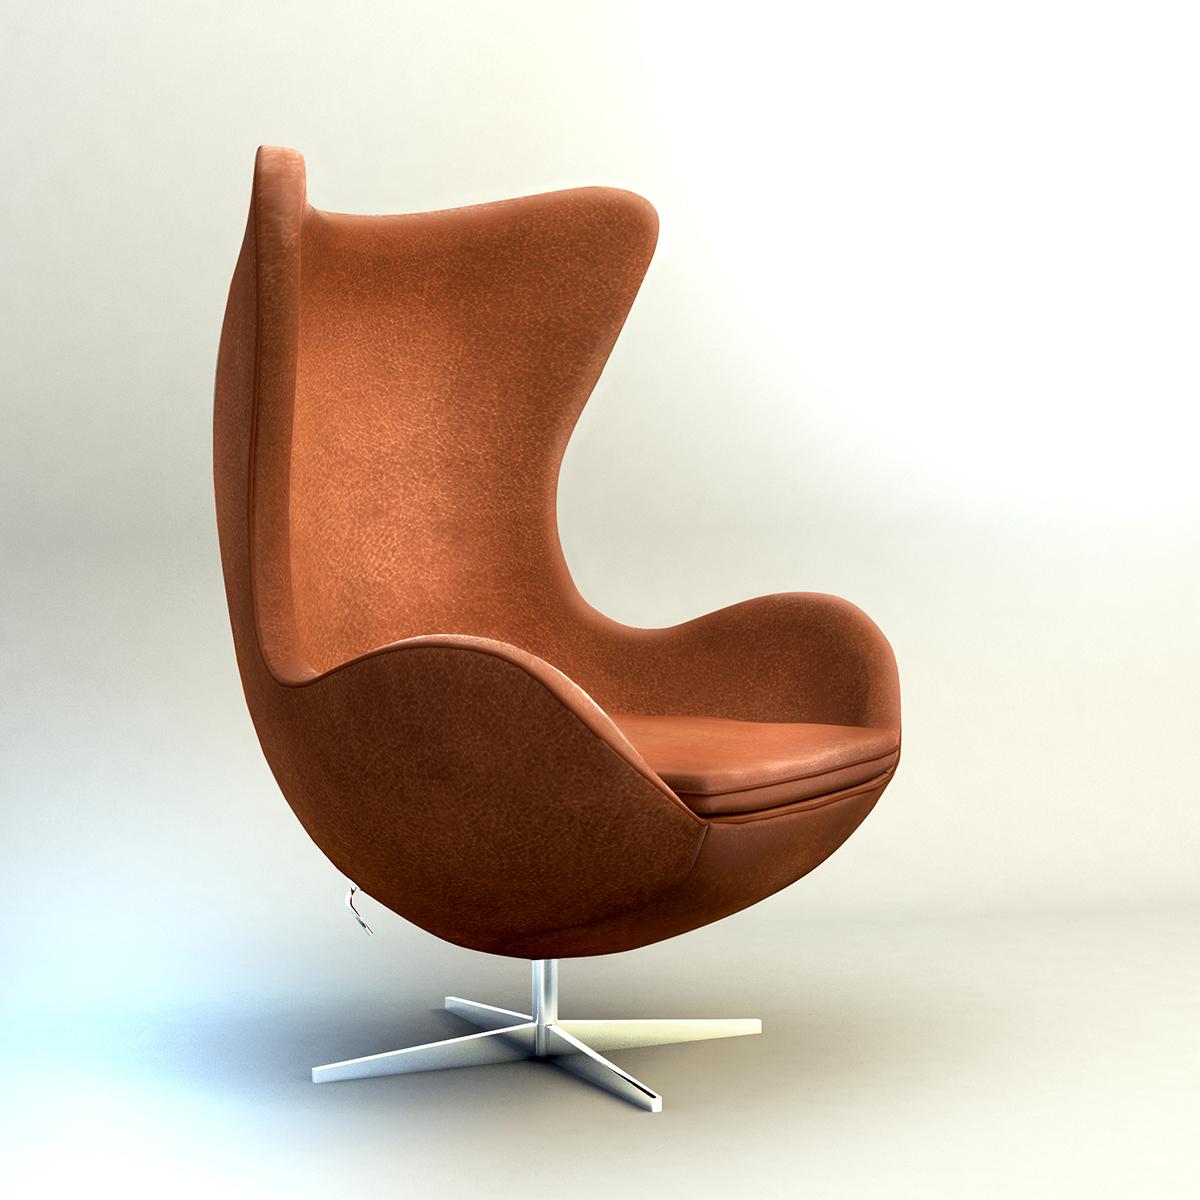 Arne Jacobsen Egg Chair.3d Egg Chair Arne Jacobsen Turbosquid 1184148